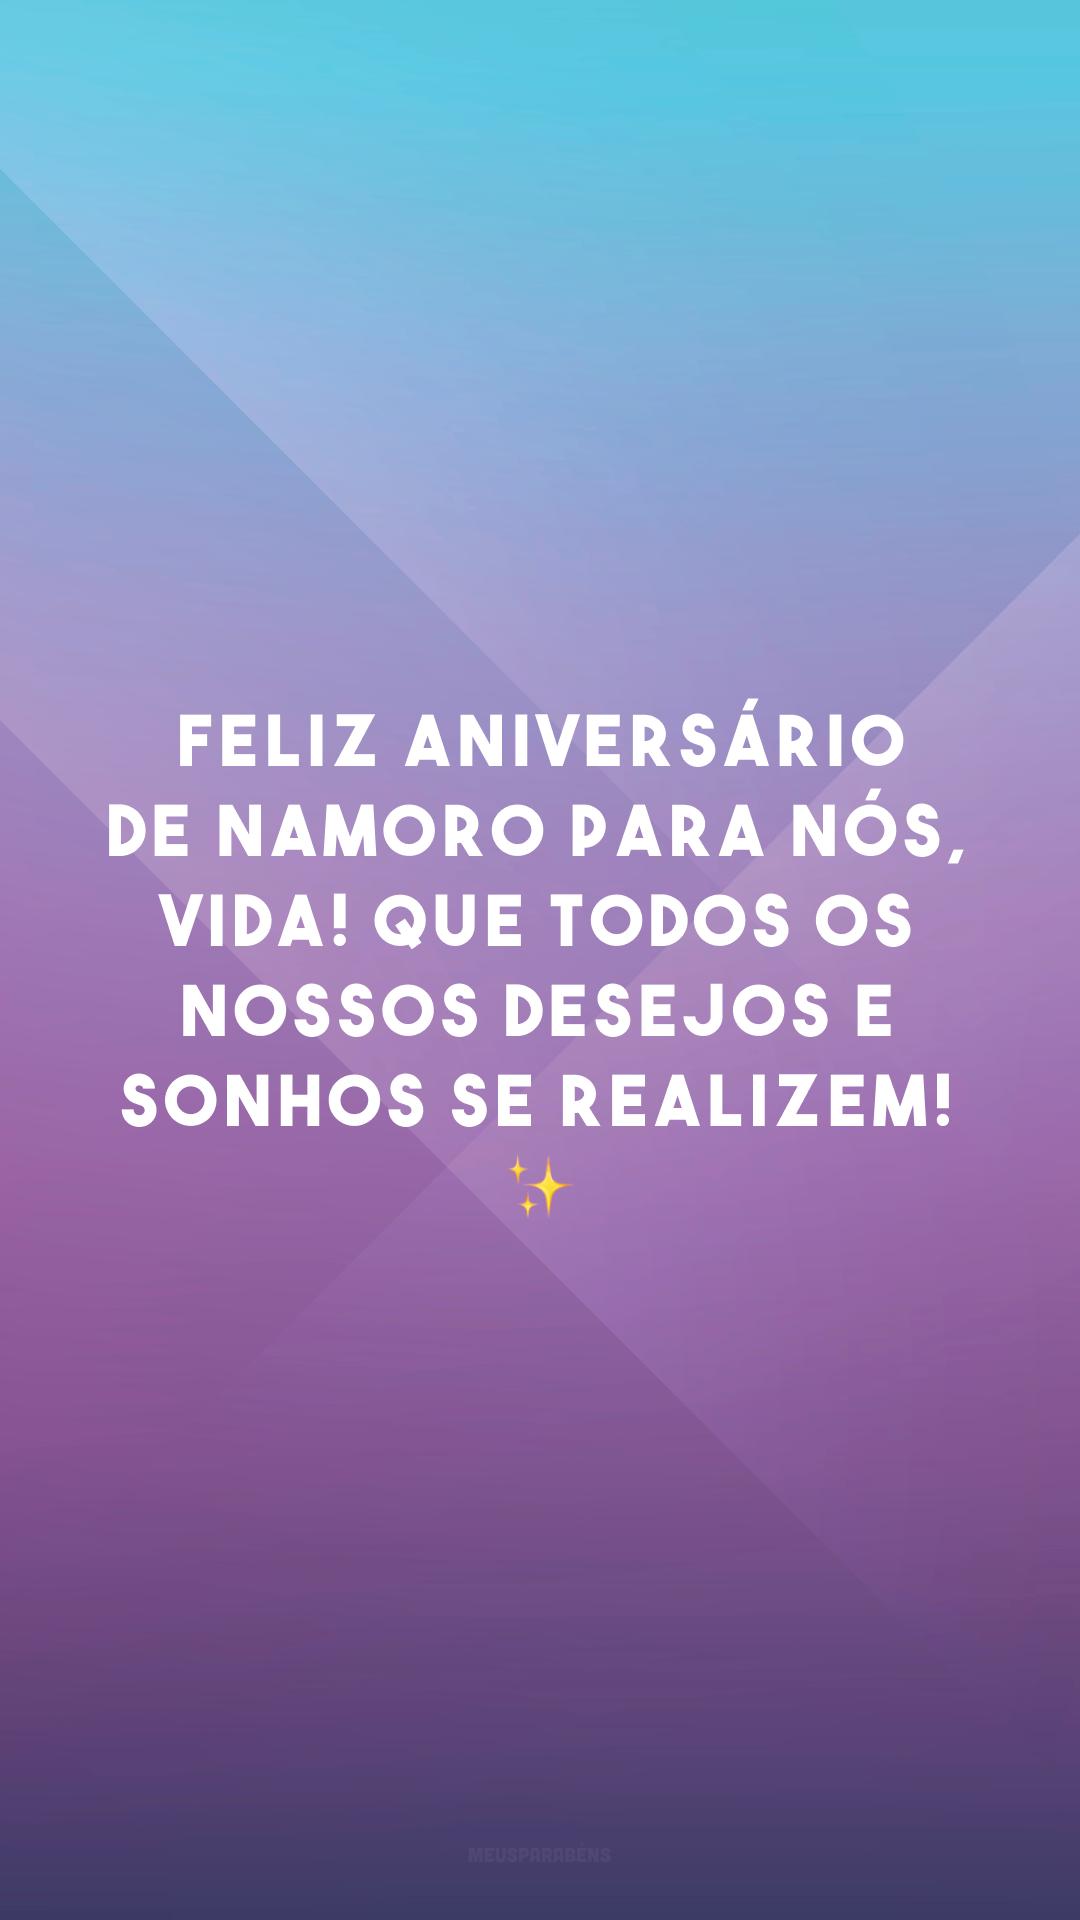 Feliz aniversário de namoro para nós, vida! Que todos os nossos desejos e sonhos se realizem! ✨